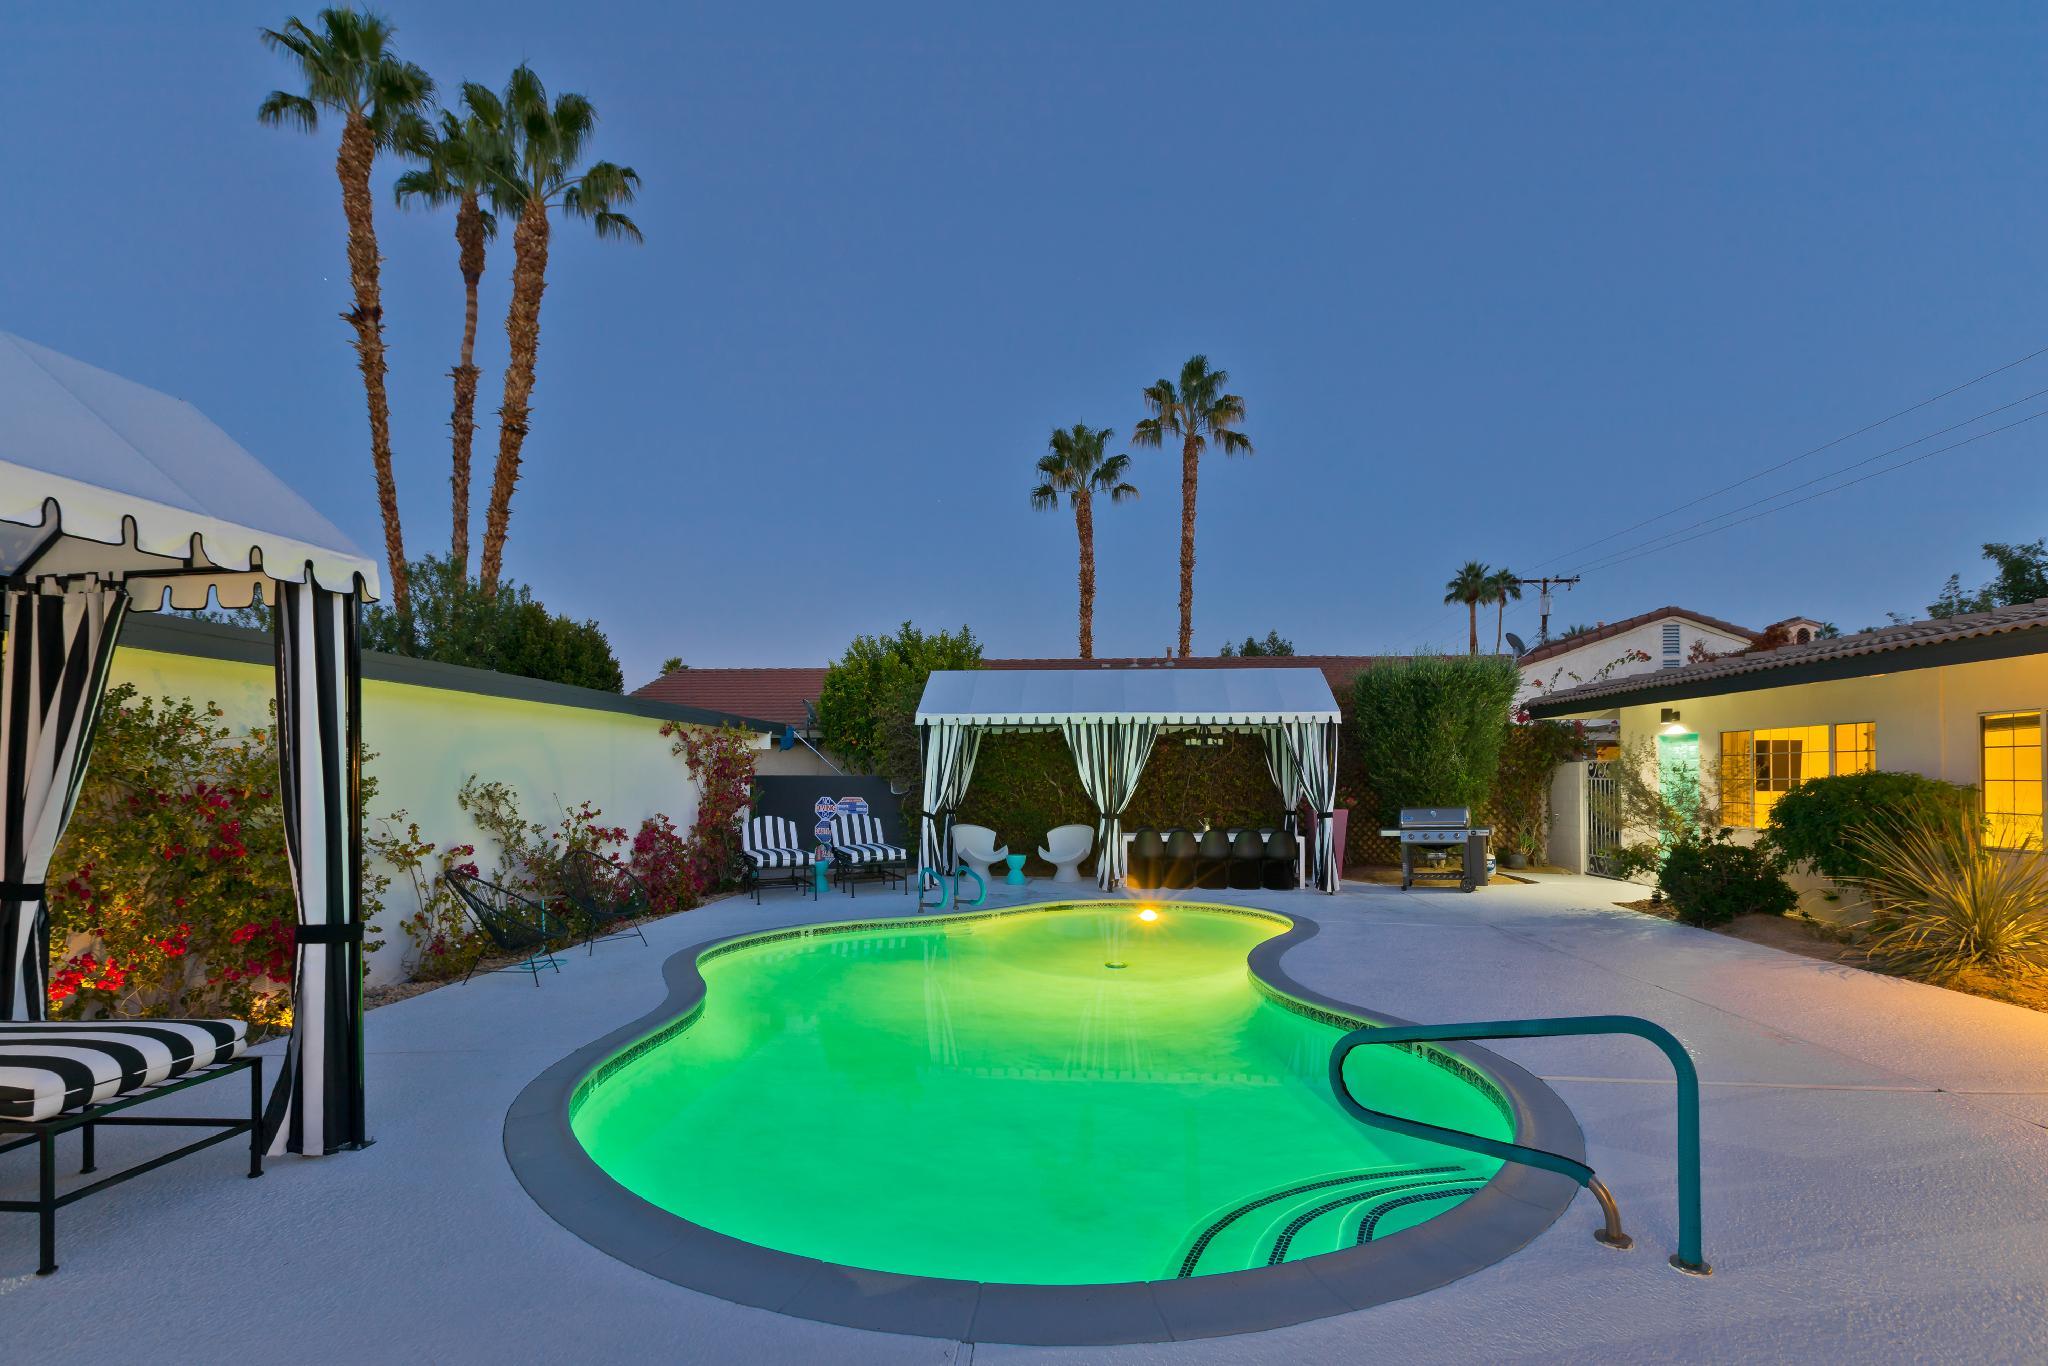 Luxury Private Resort - 1 Block to El Paseo! Sleeps 16!